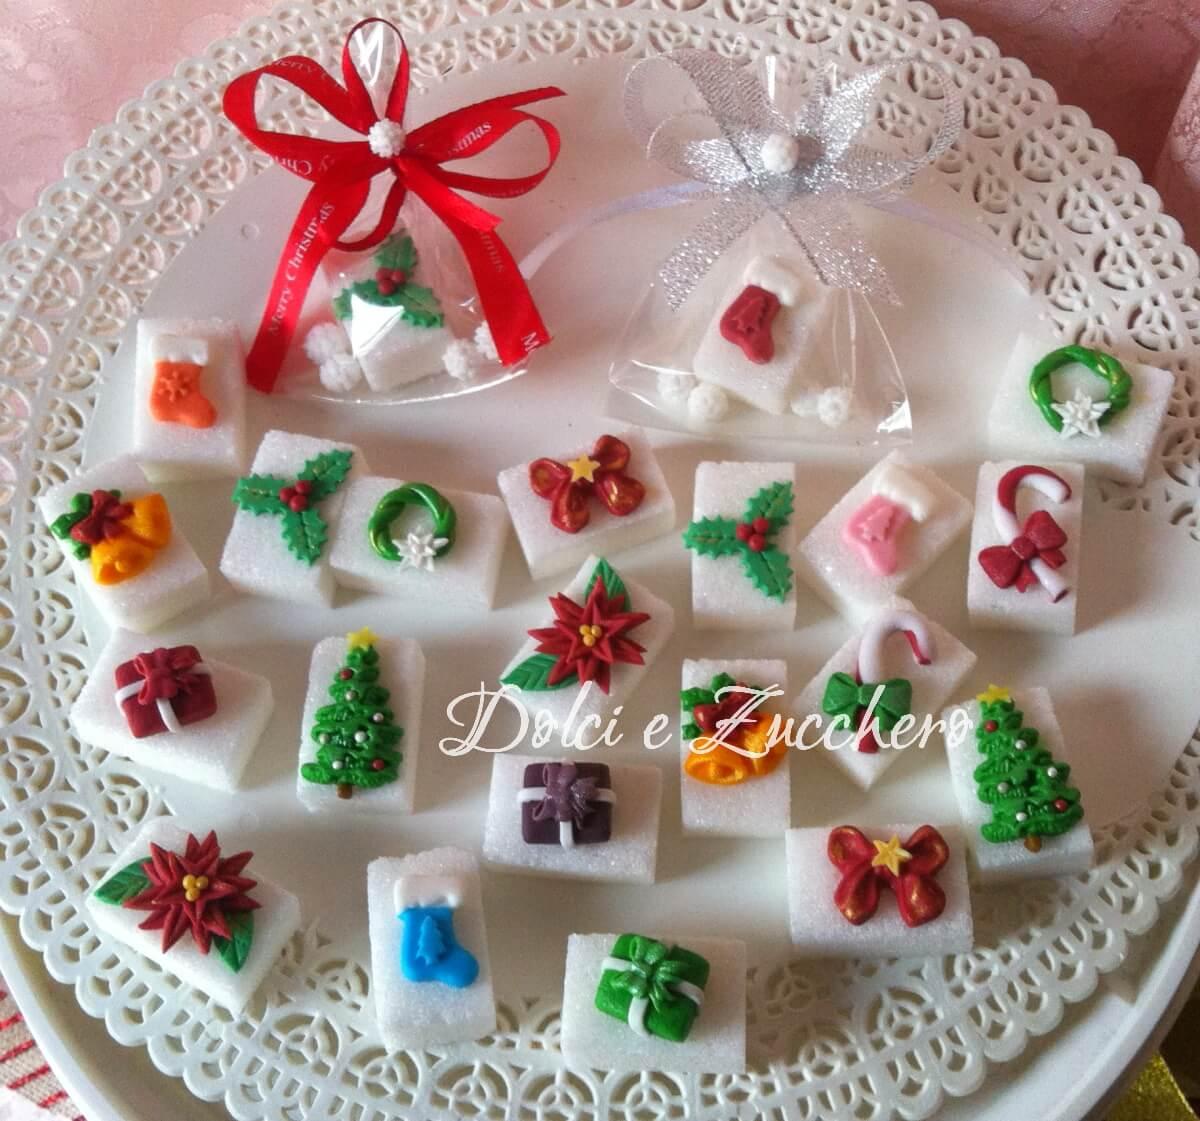 Segnaposto Natalizi Idee.Idee Di Natale Di Zucchero Originali Dolci E Zucchero